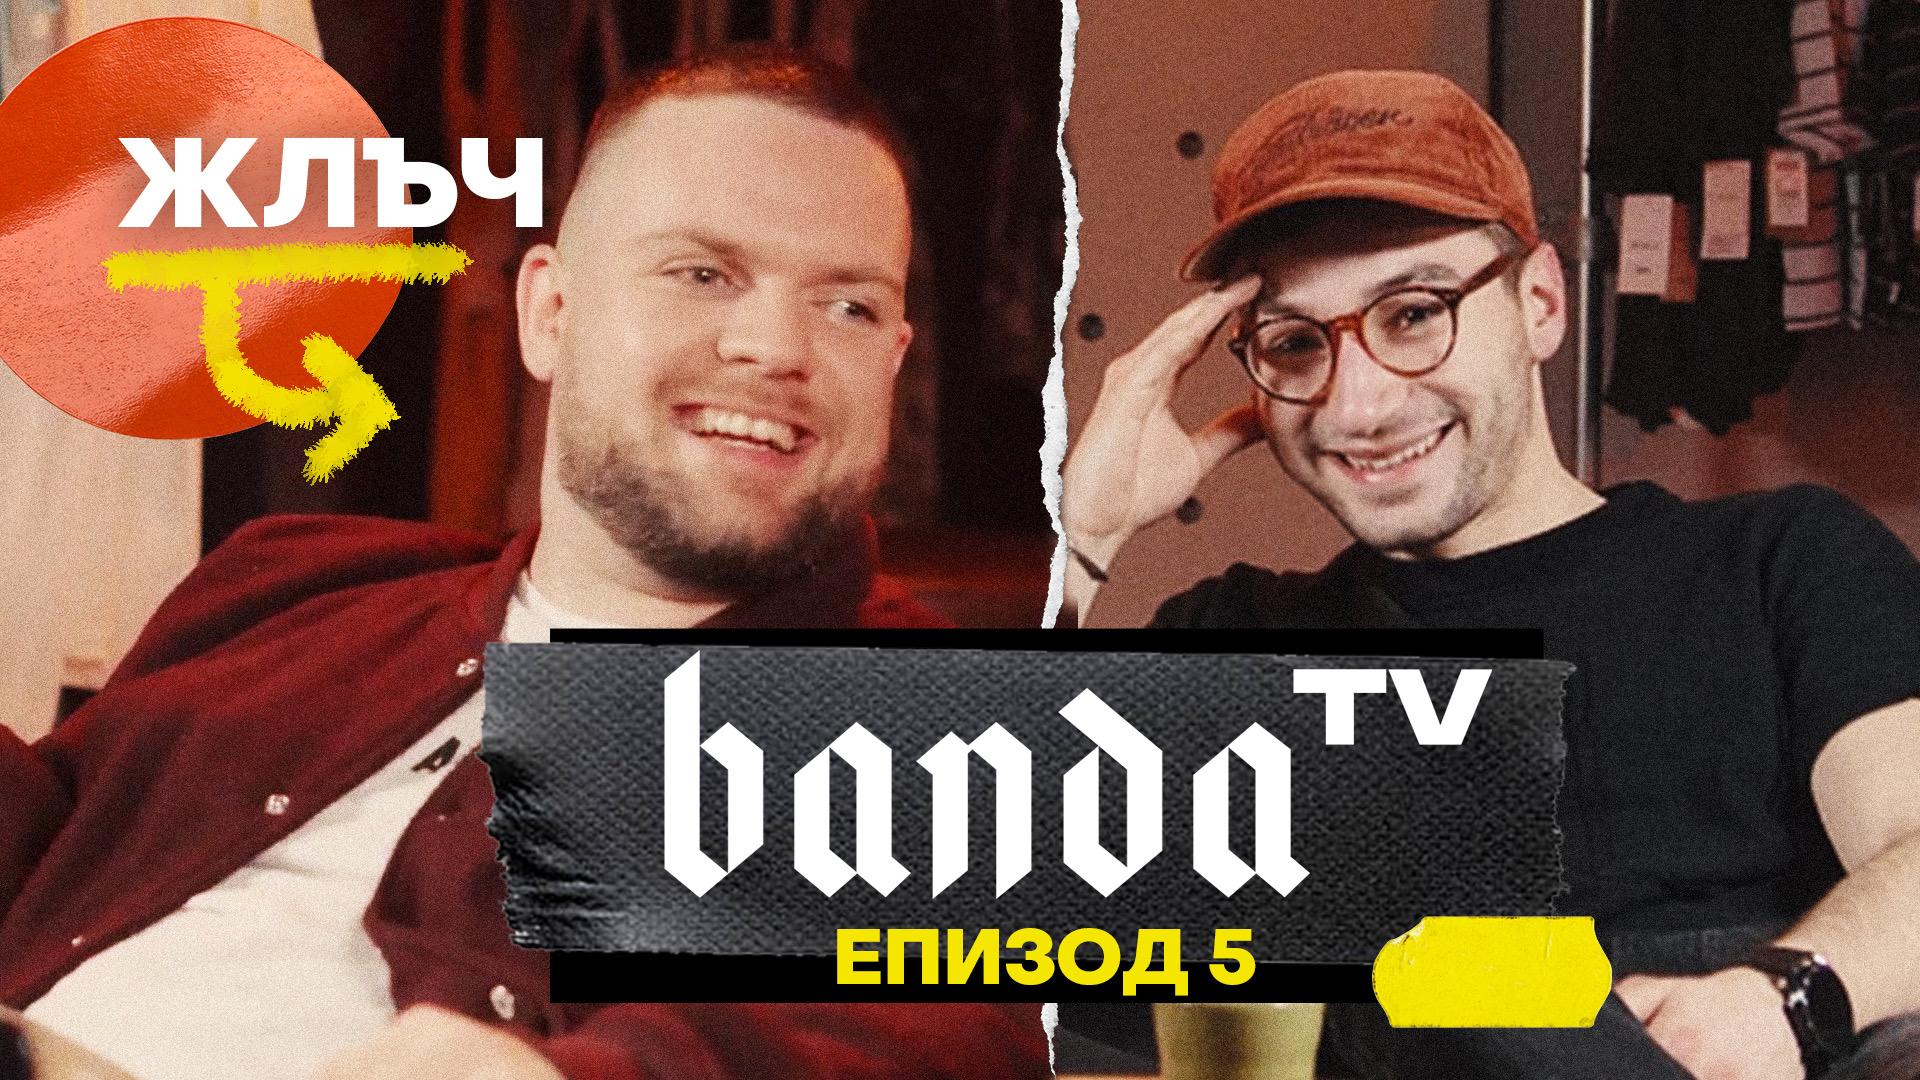 Banda TV - Епизод 5 с ЖЛЪЧ